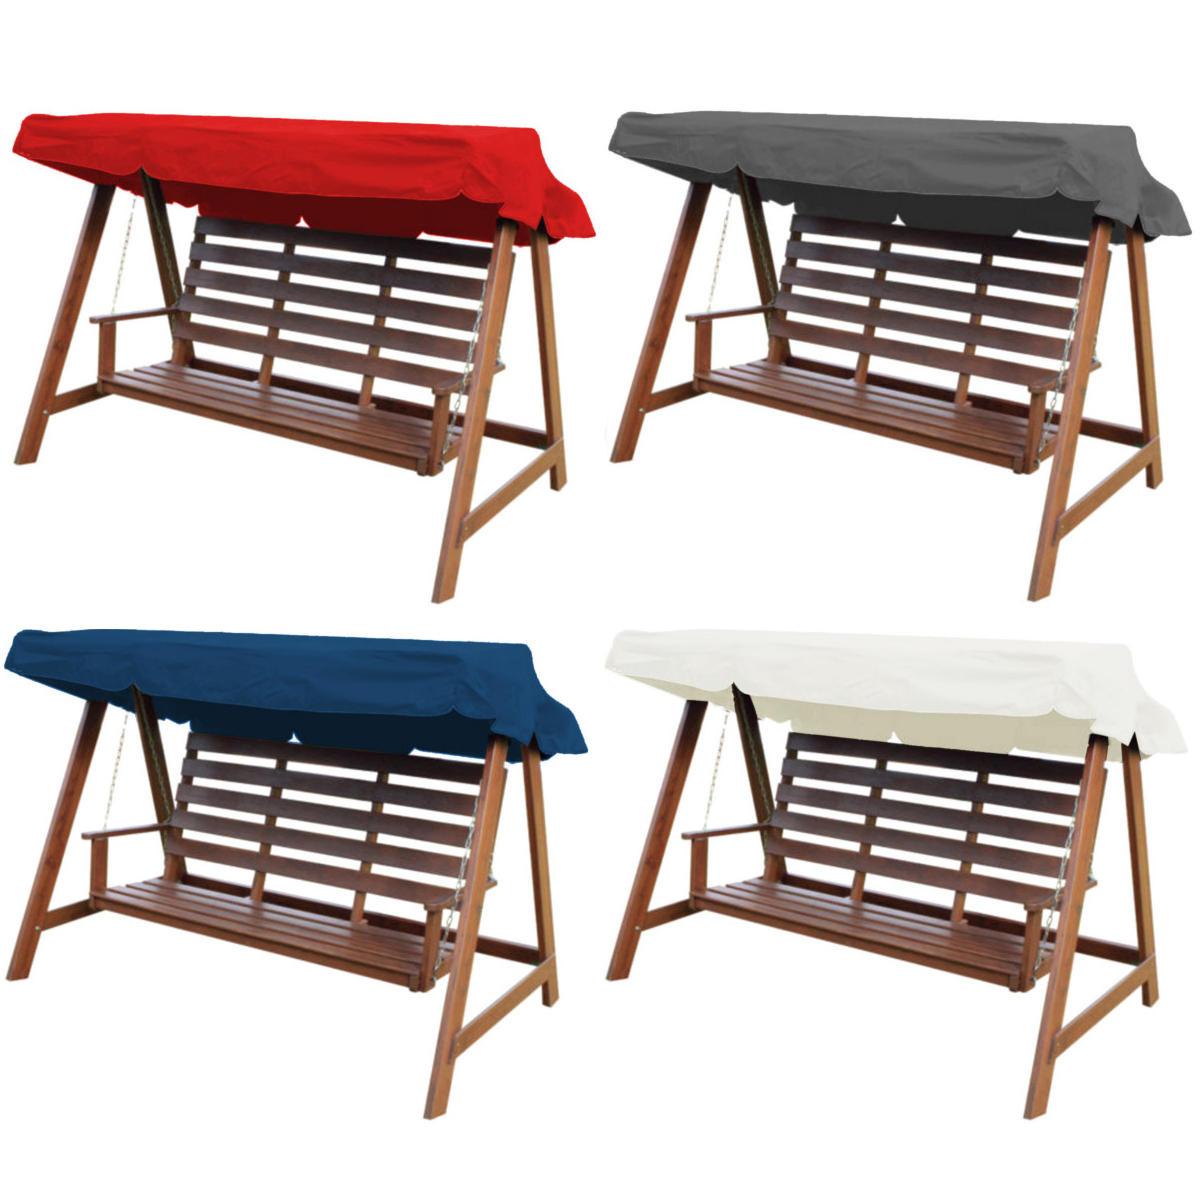 Preferred 3 Seat Pergola Swings Regarding 2 3 Sitzer Outdoor Garden Swing Chair Wasserdichte Abdeckung Ersatz Terrassenüberdachung (View 14 of 25)